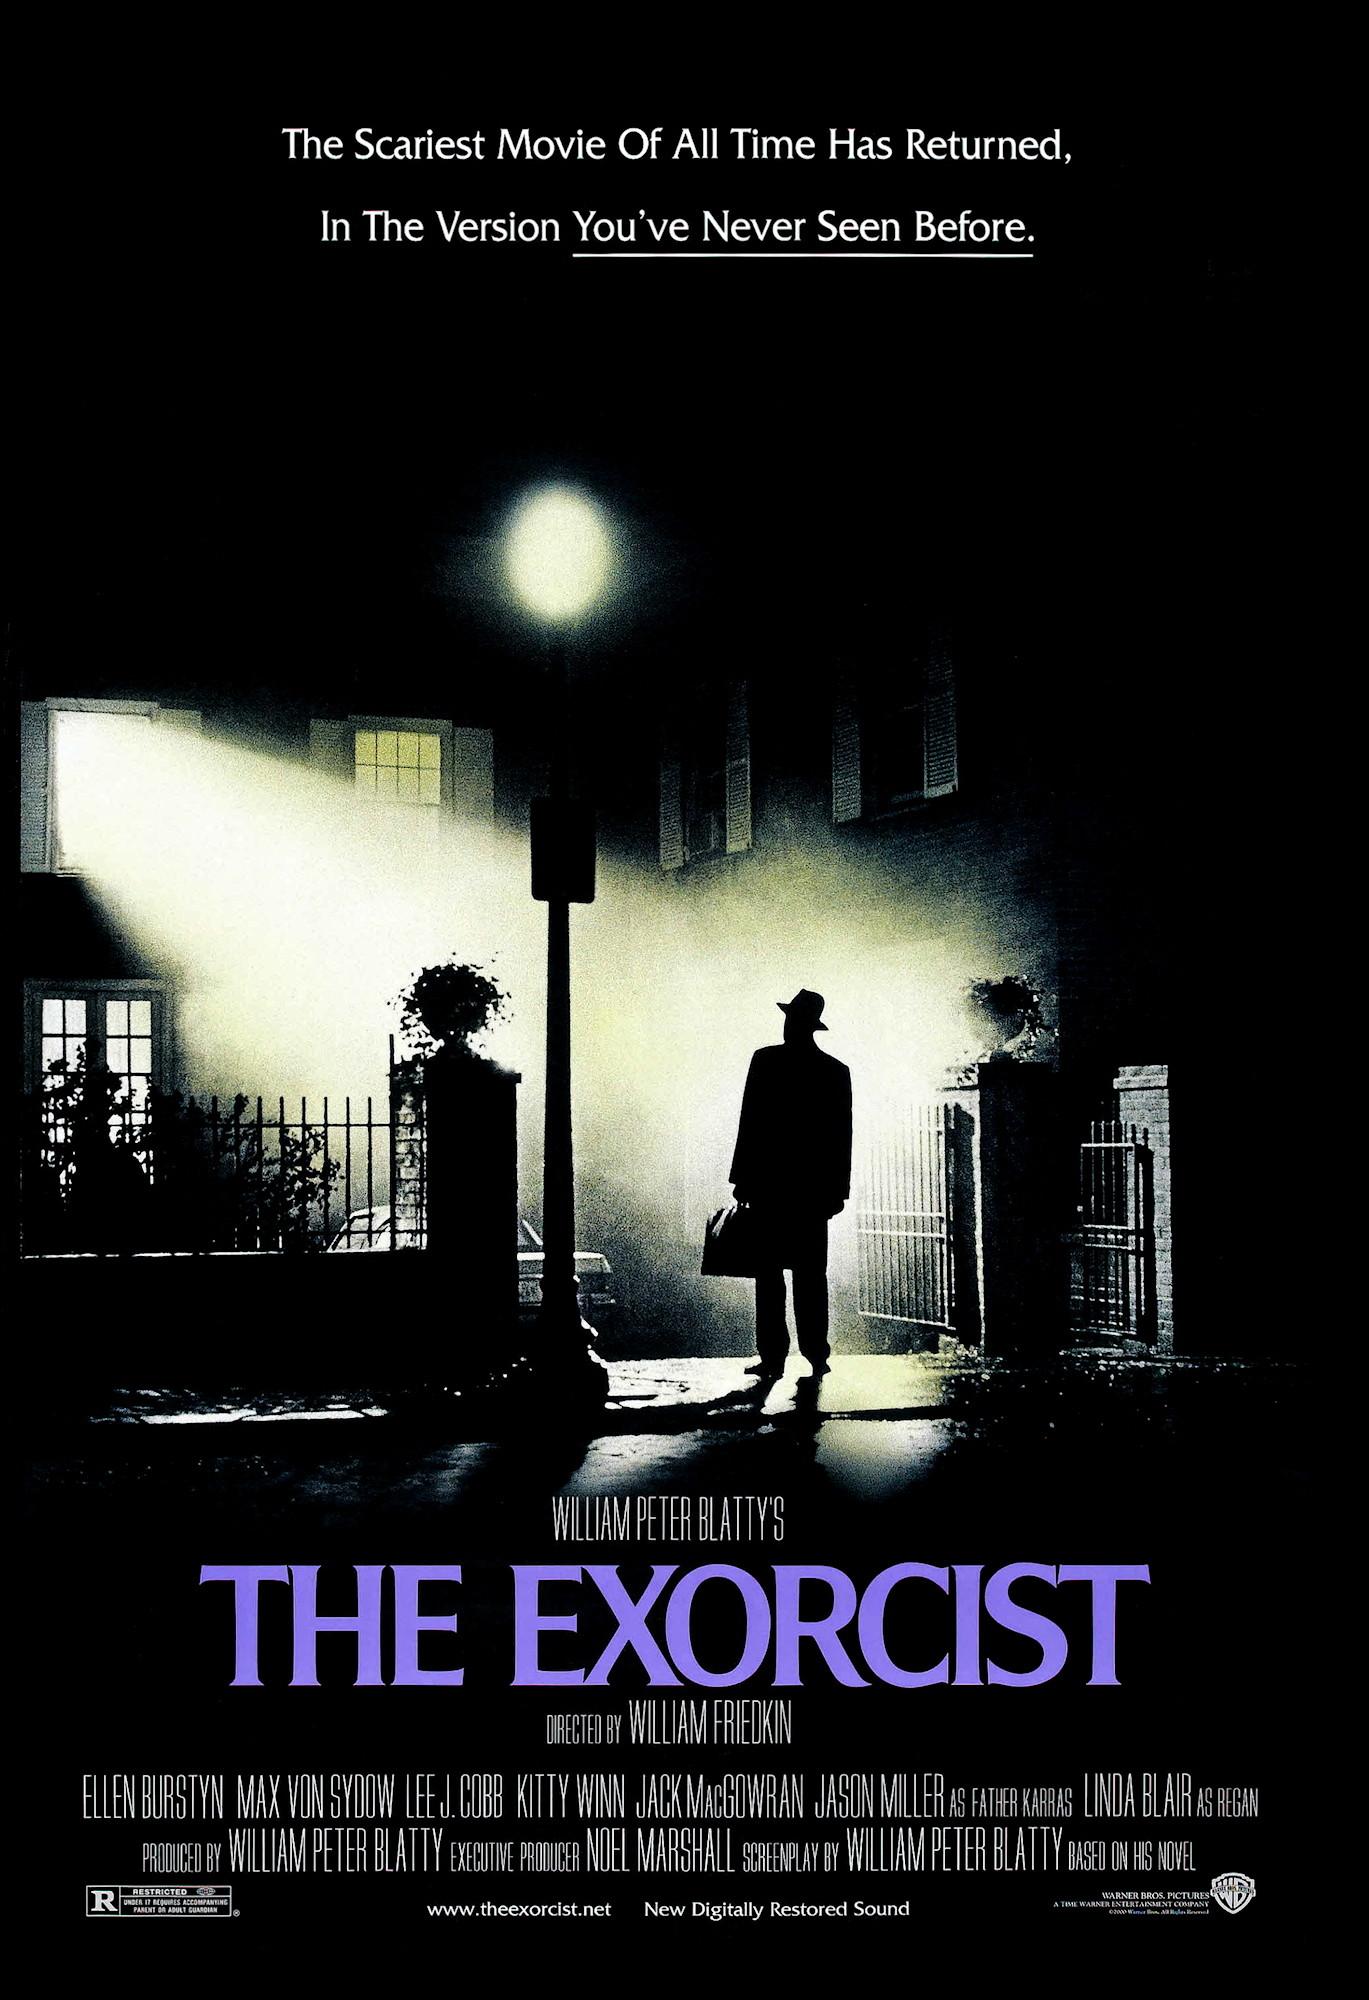 Exorcist_Poster_0.jpg